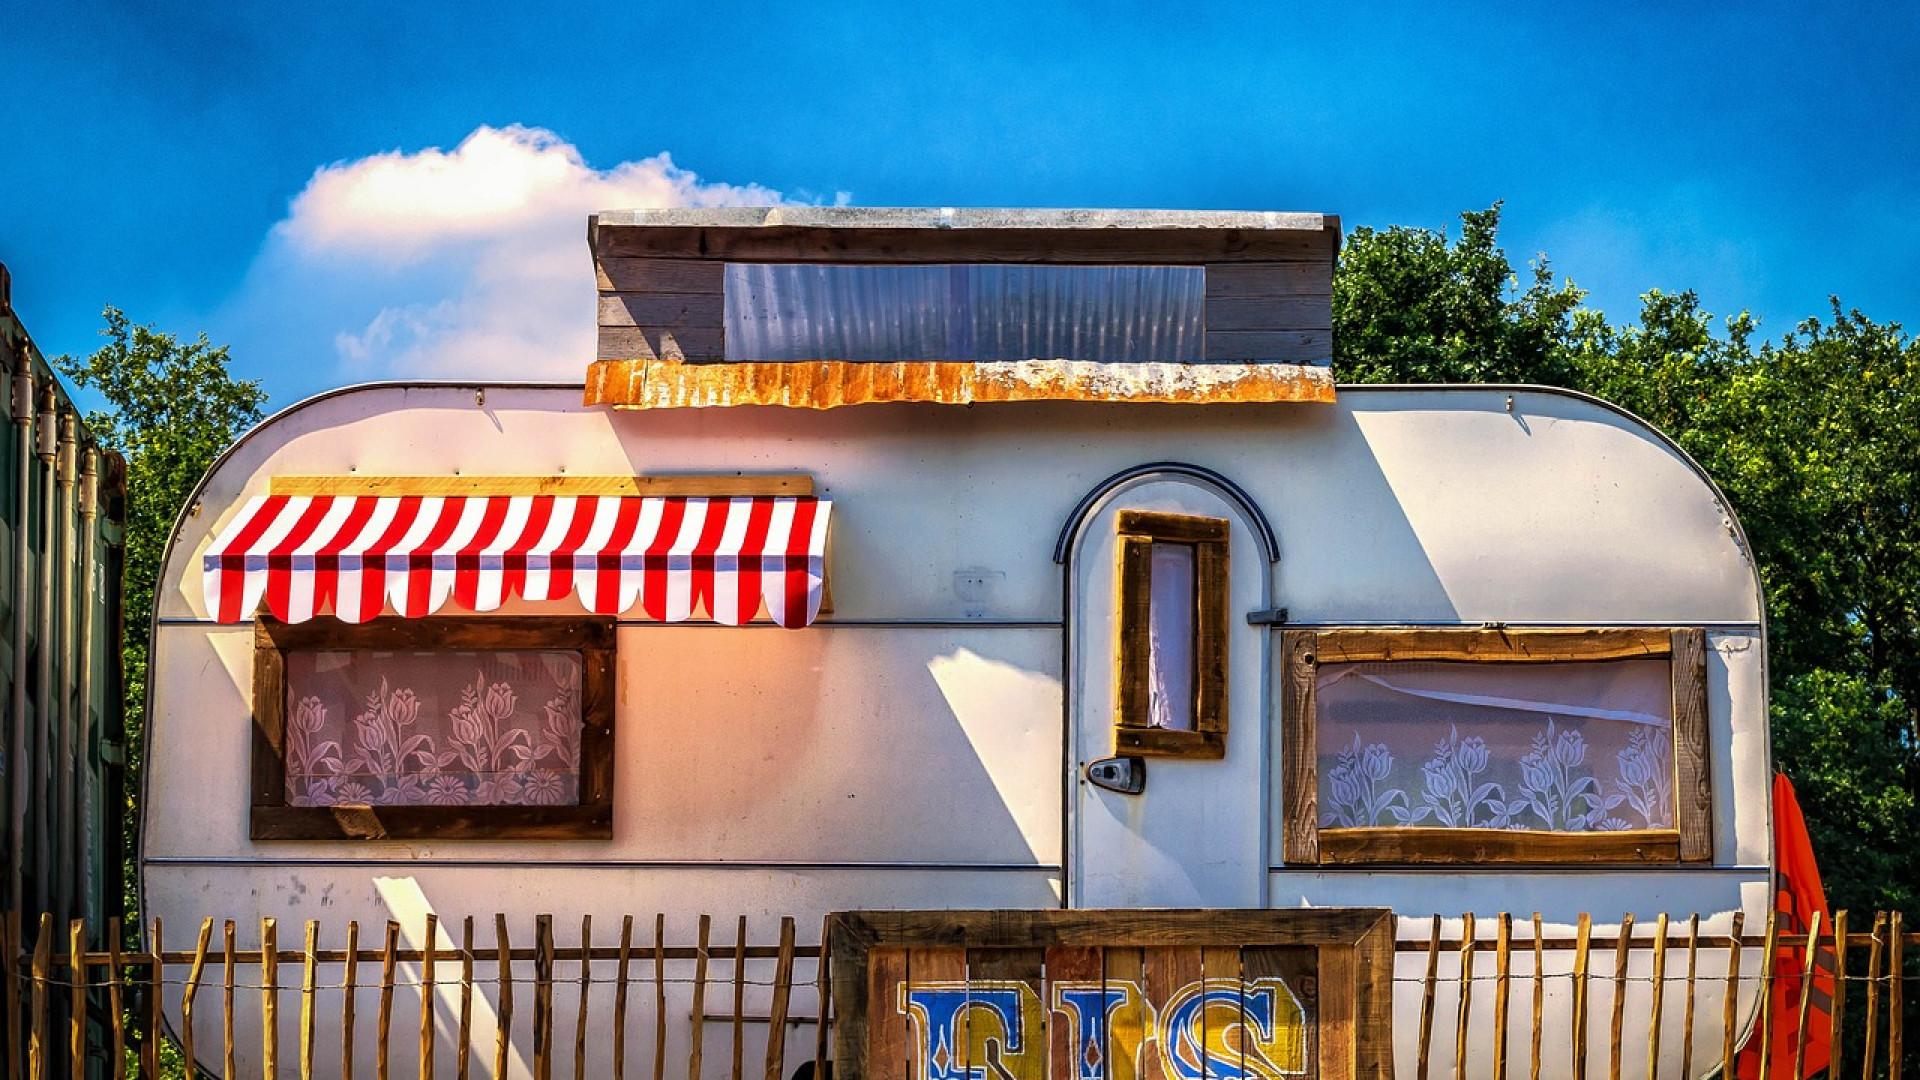 Le mobile-home, l'hébergement idéal pour les vacances